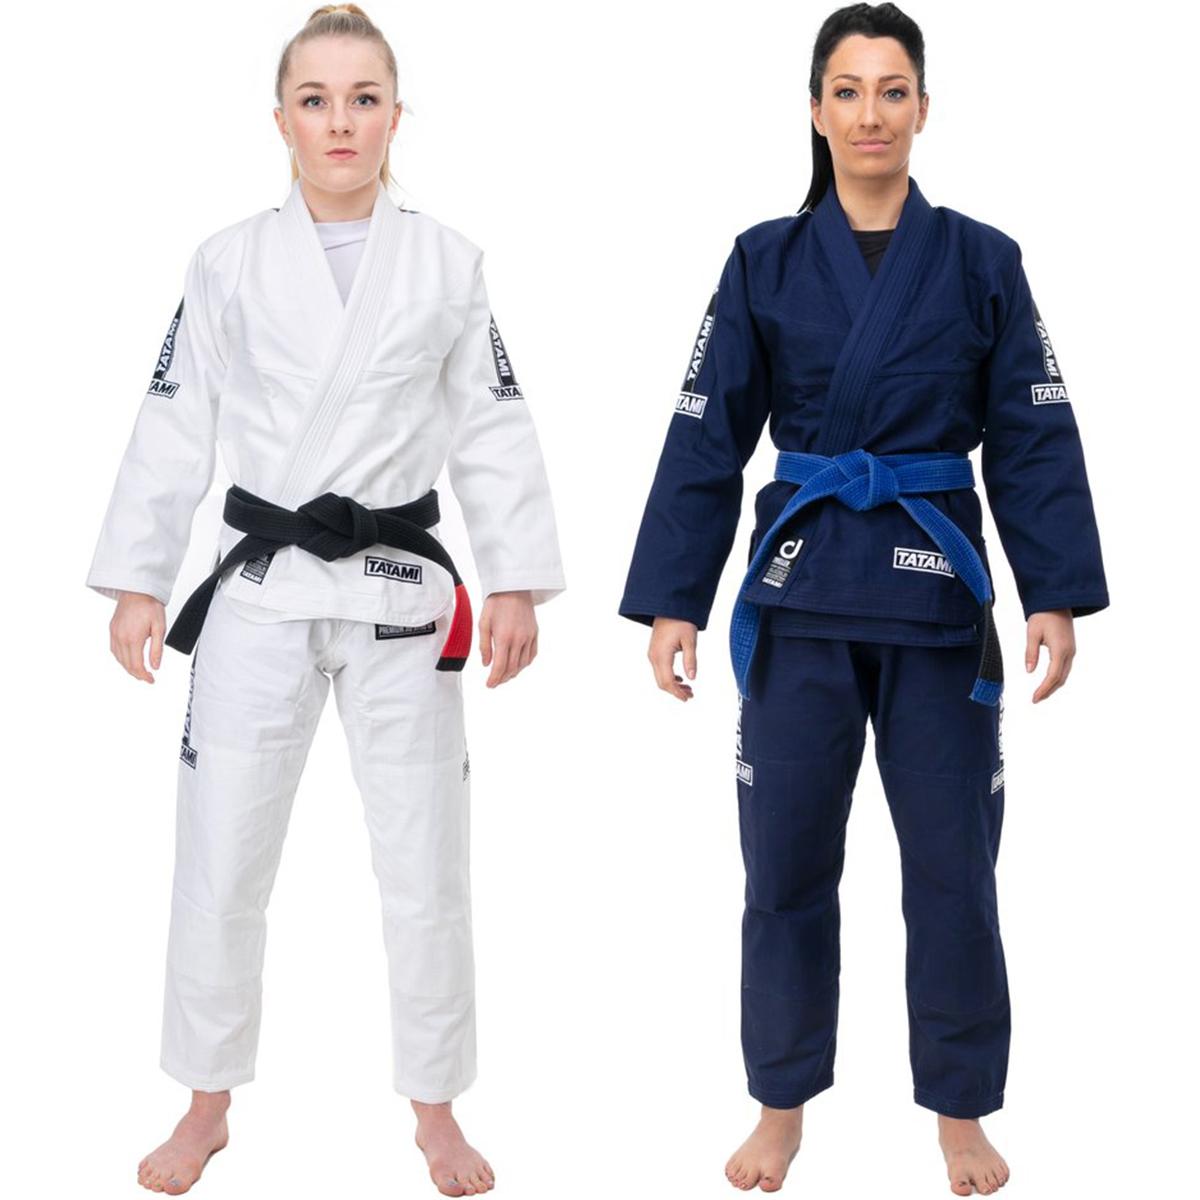 White Tatami Fightwear Dweller BJJ Gi